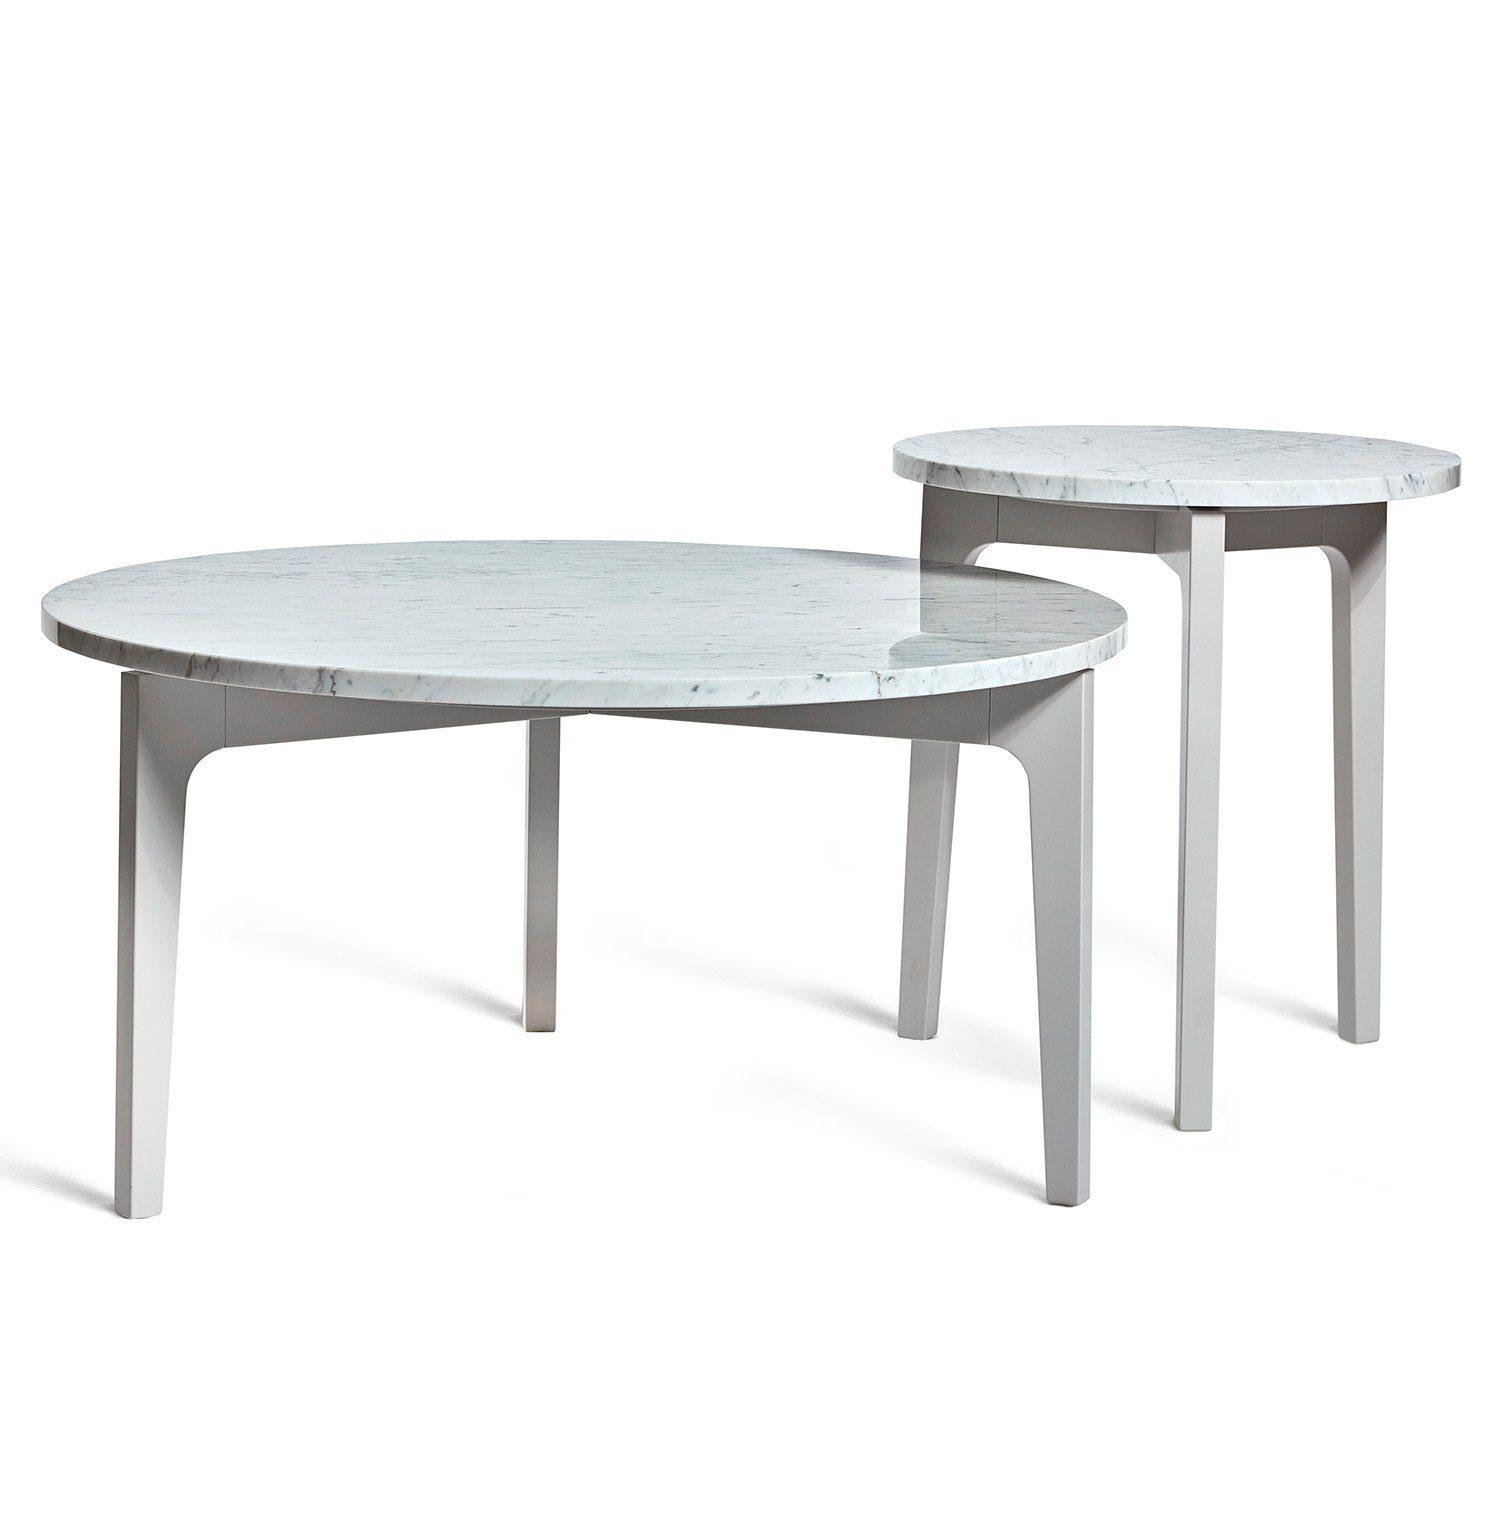 Höllviken soffbord och sidobord i ljusgrått med marmortopp från Mavis.